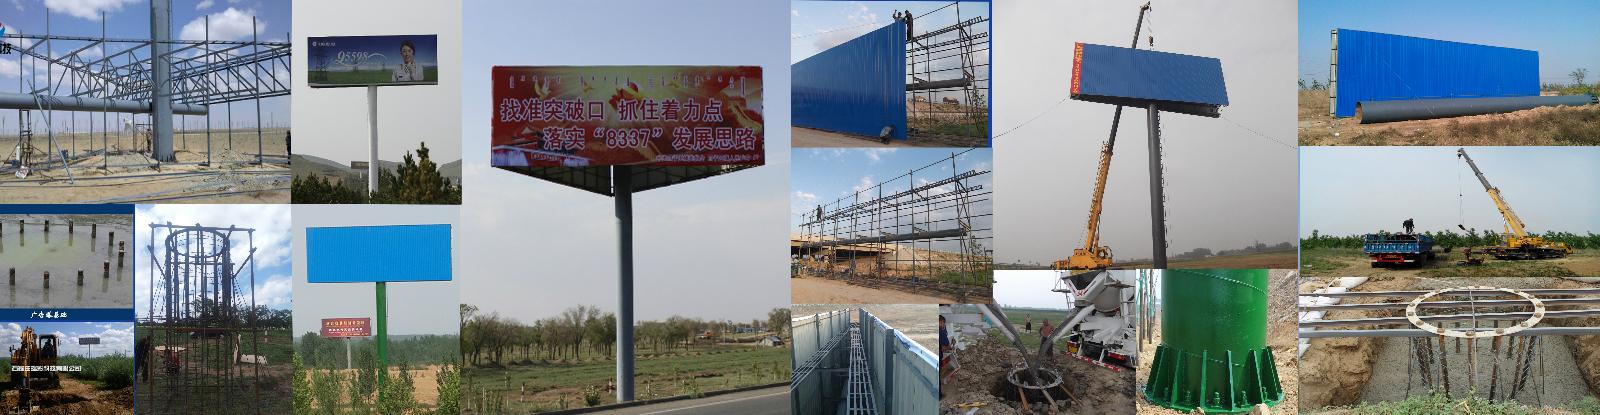 我们拥有专业从事户外广告安装经验的施工队伍,钢结构工程师,高级焊工